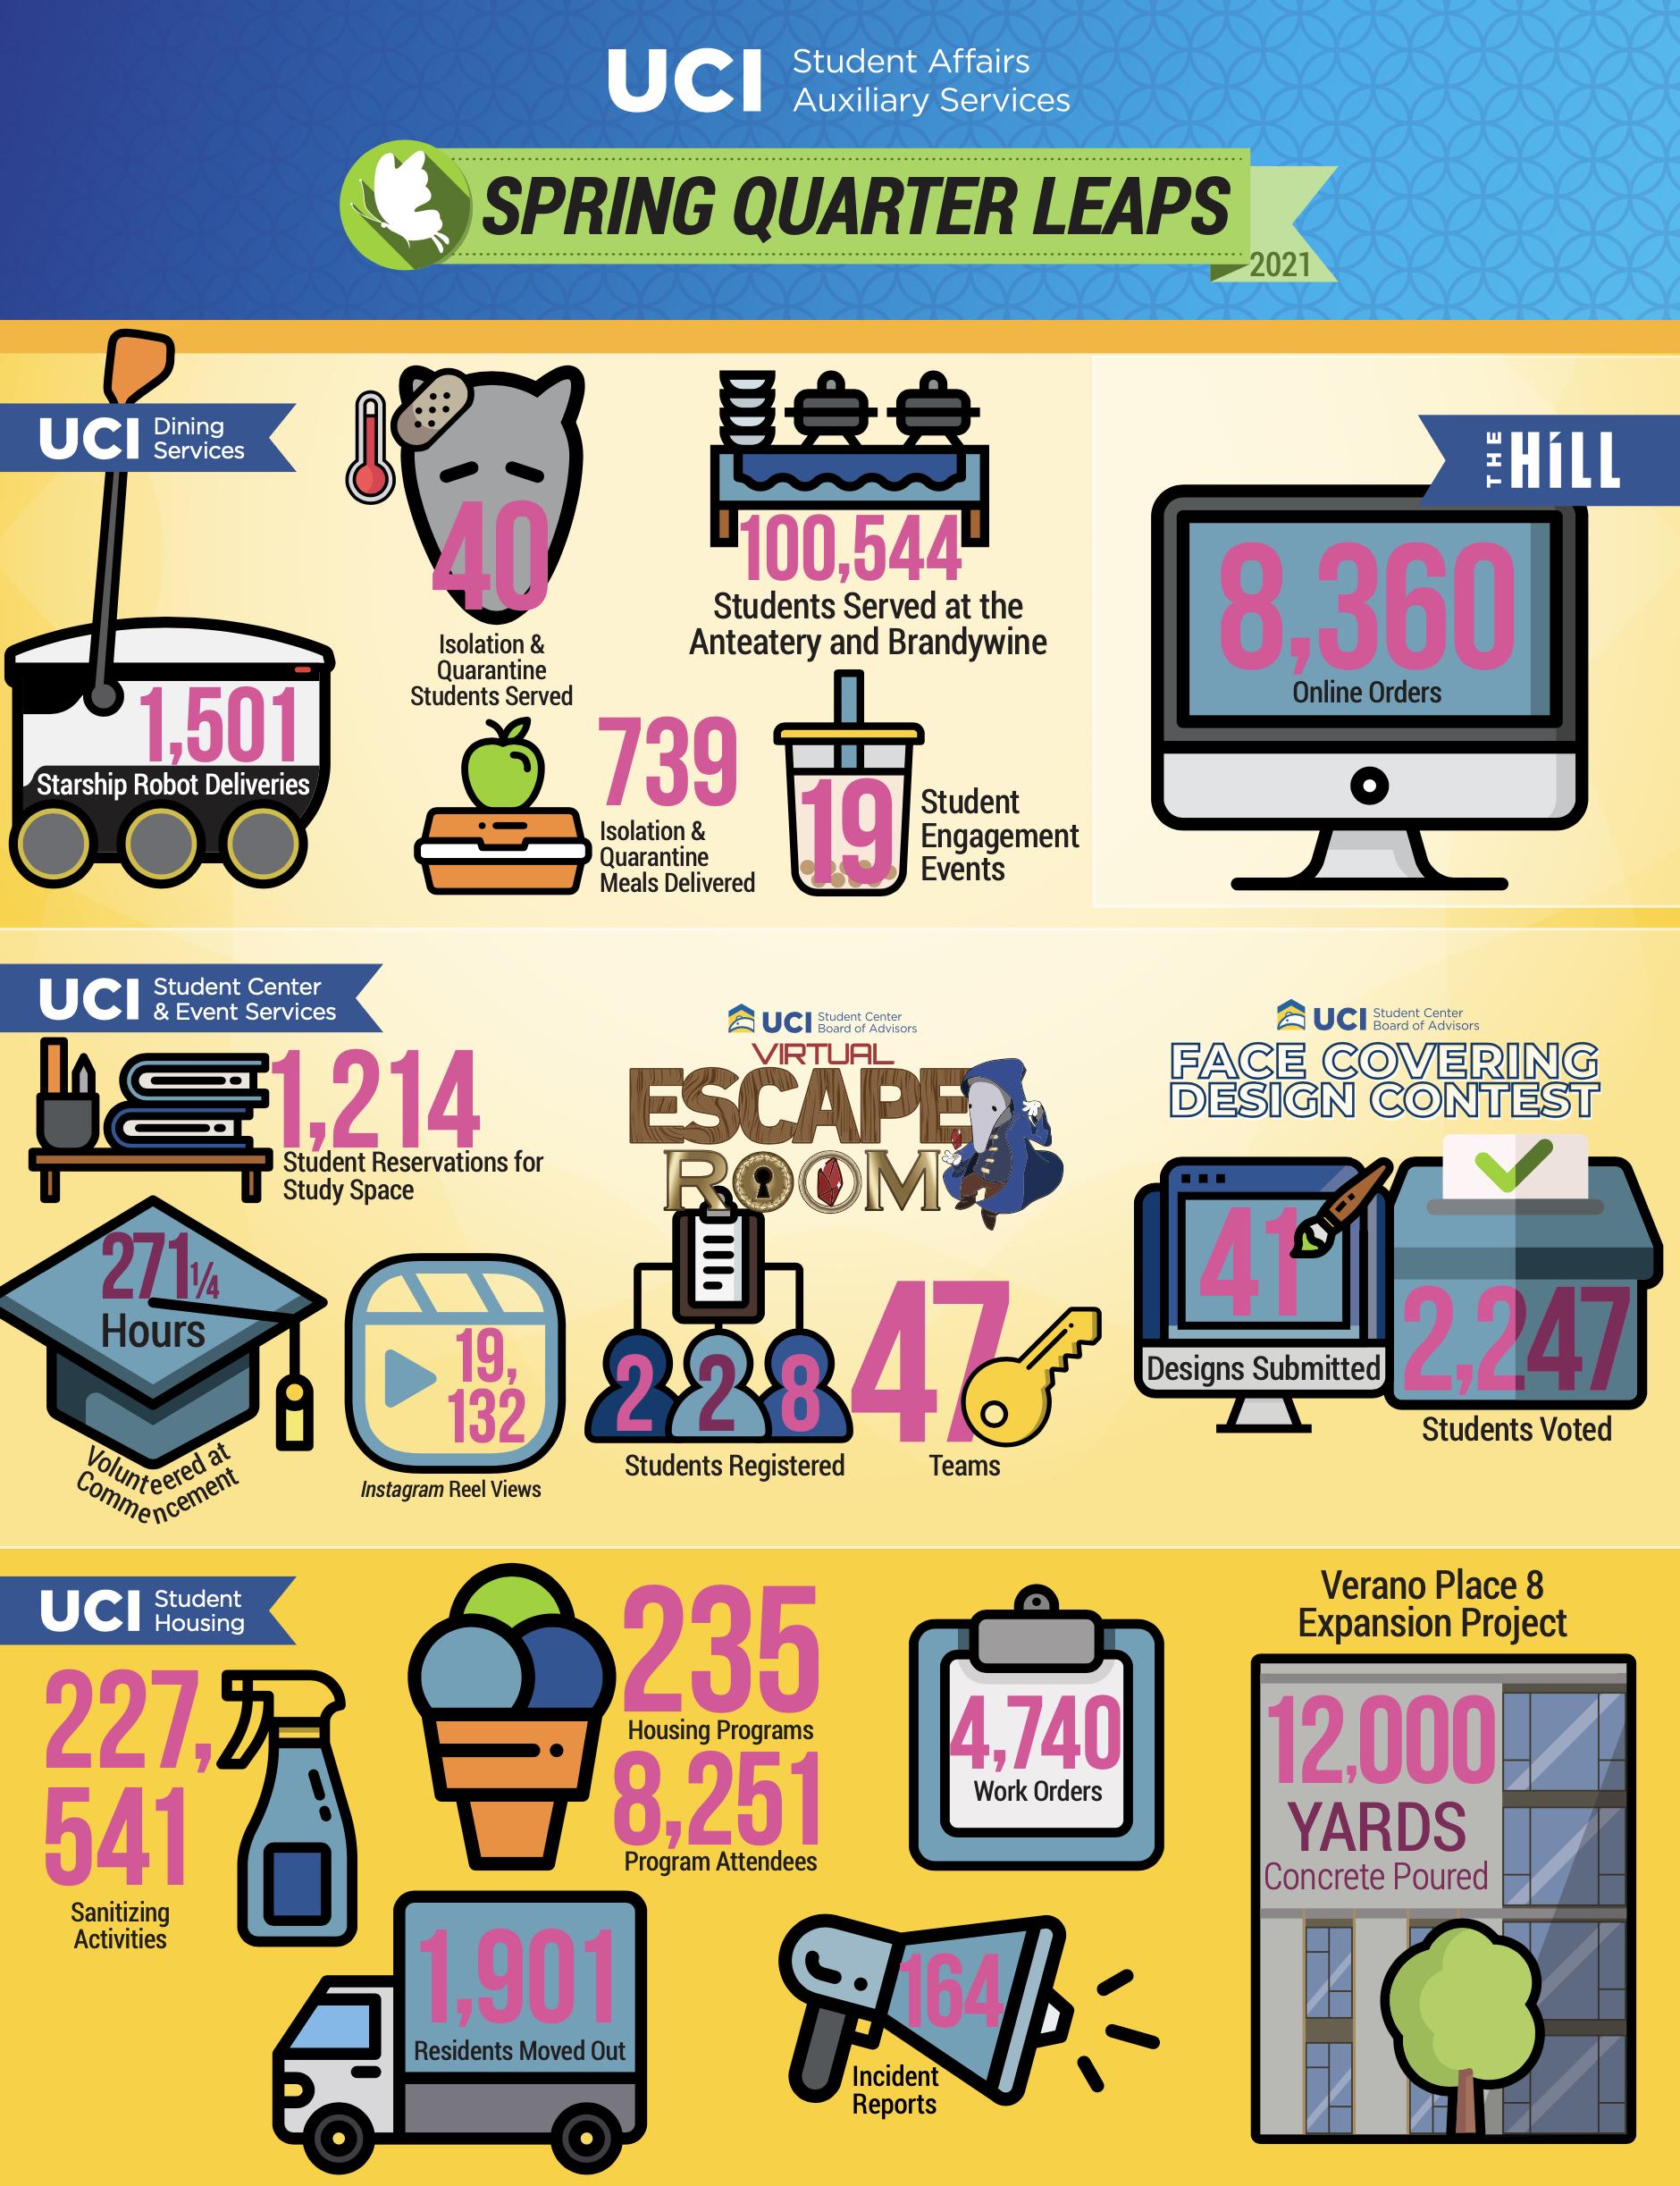 Spring Quarter 2021 infographic